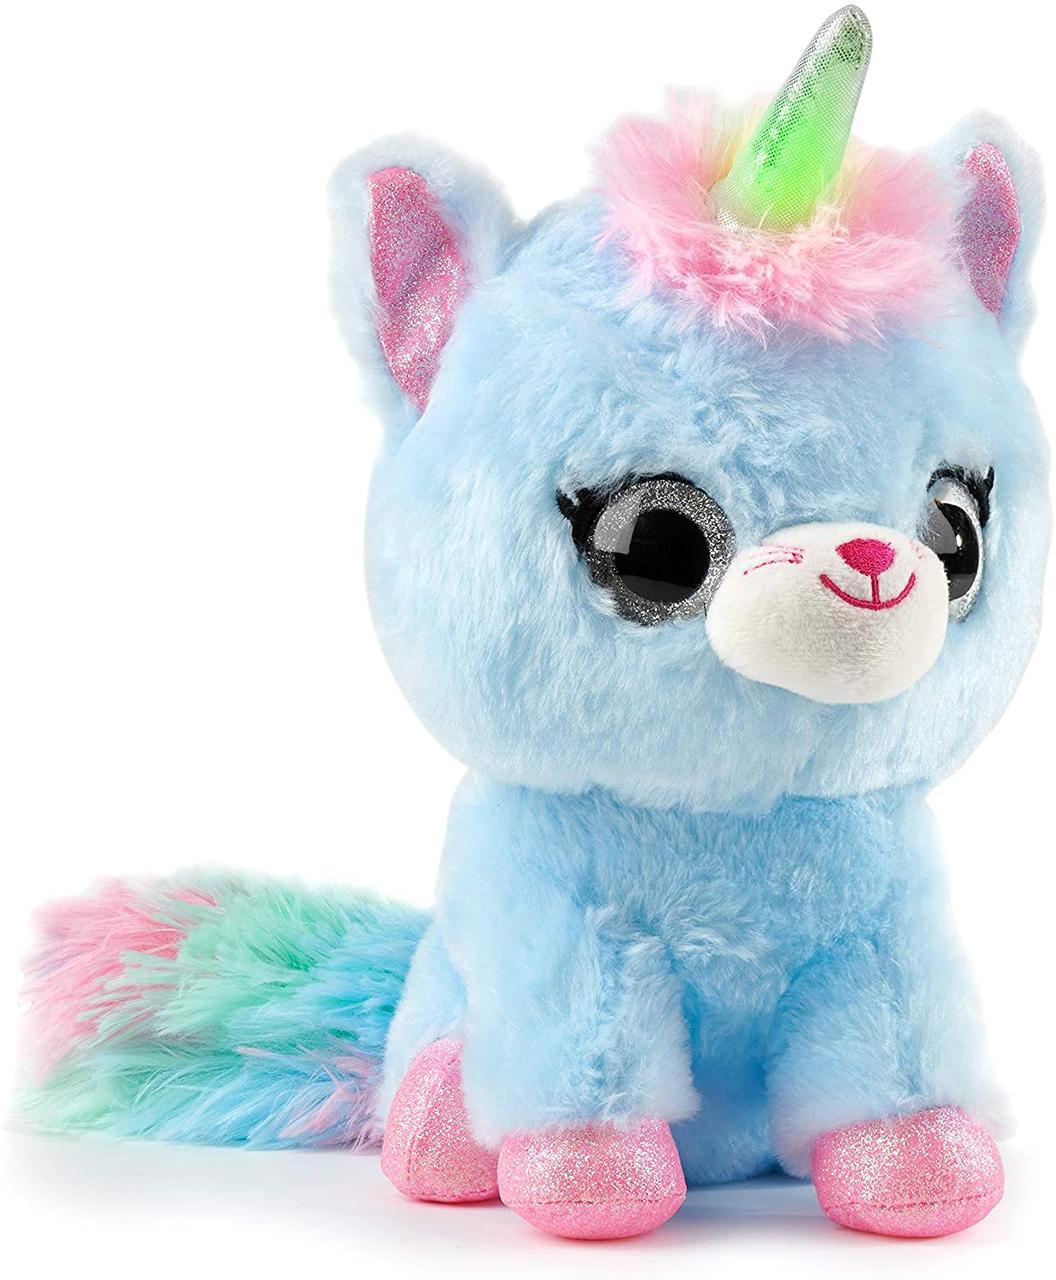 Інтерактивна плюшева іграшка яка весело цілує і світитися бірюзовий WowWee Ploosh Glowcorns